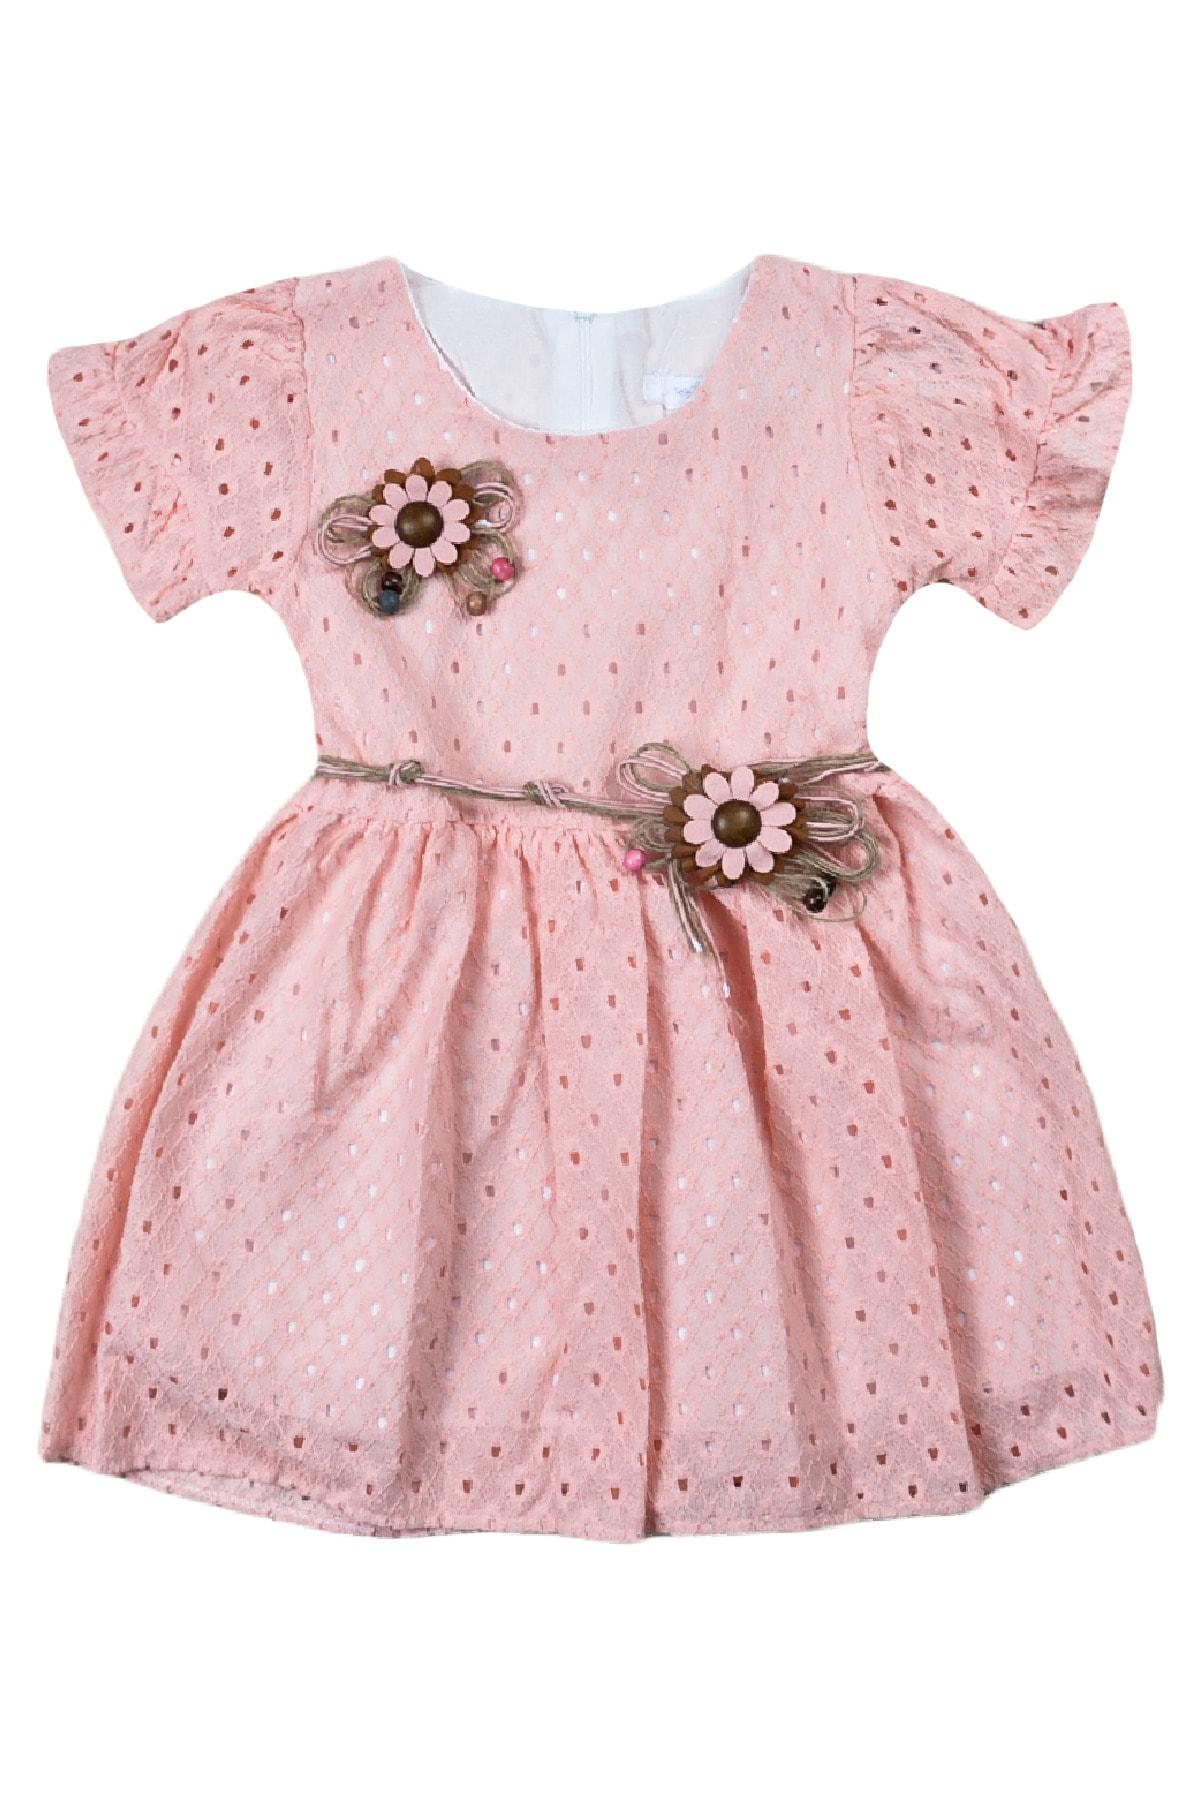 Beybee Babili 226 Kız Çocuk Elbise 1